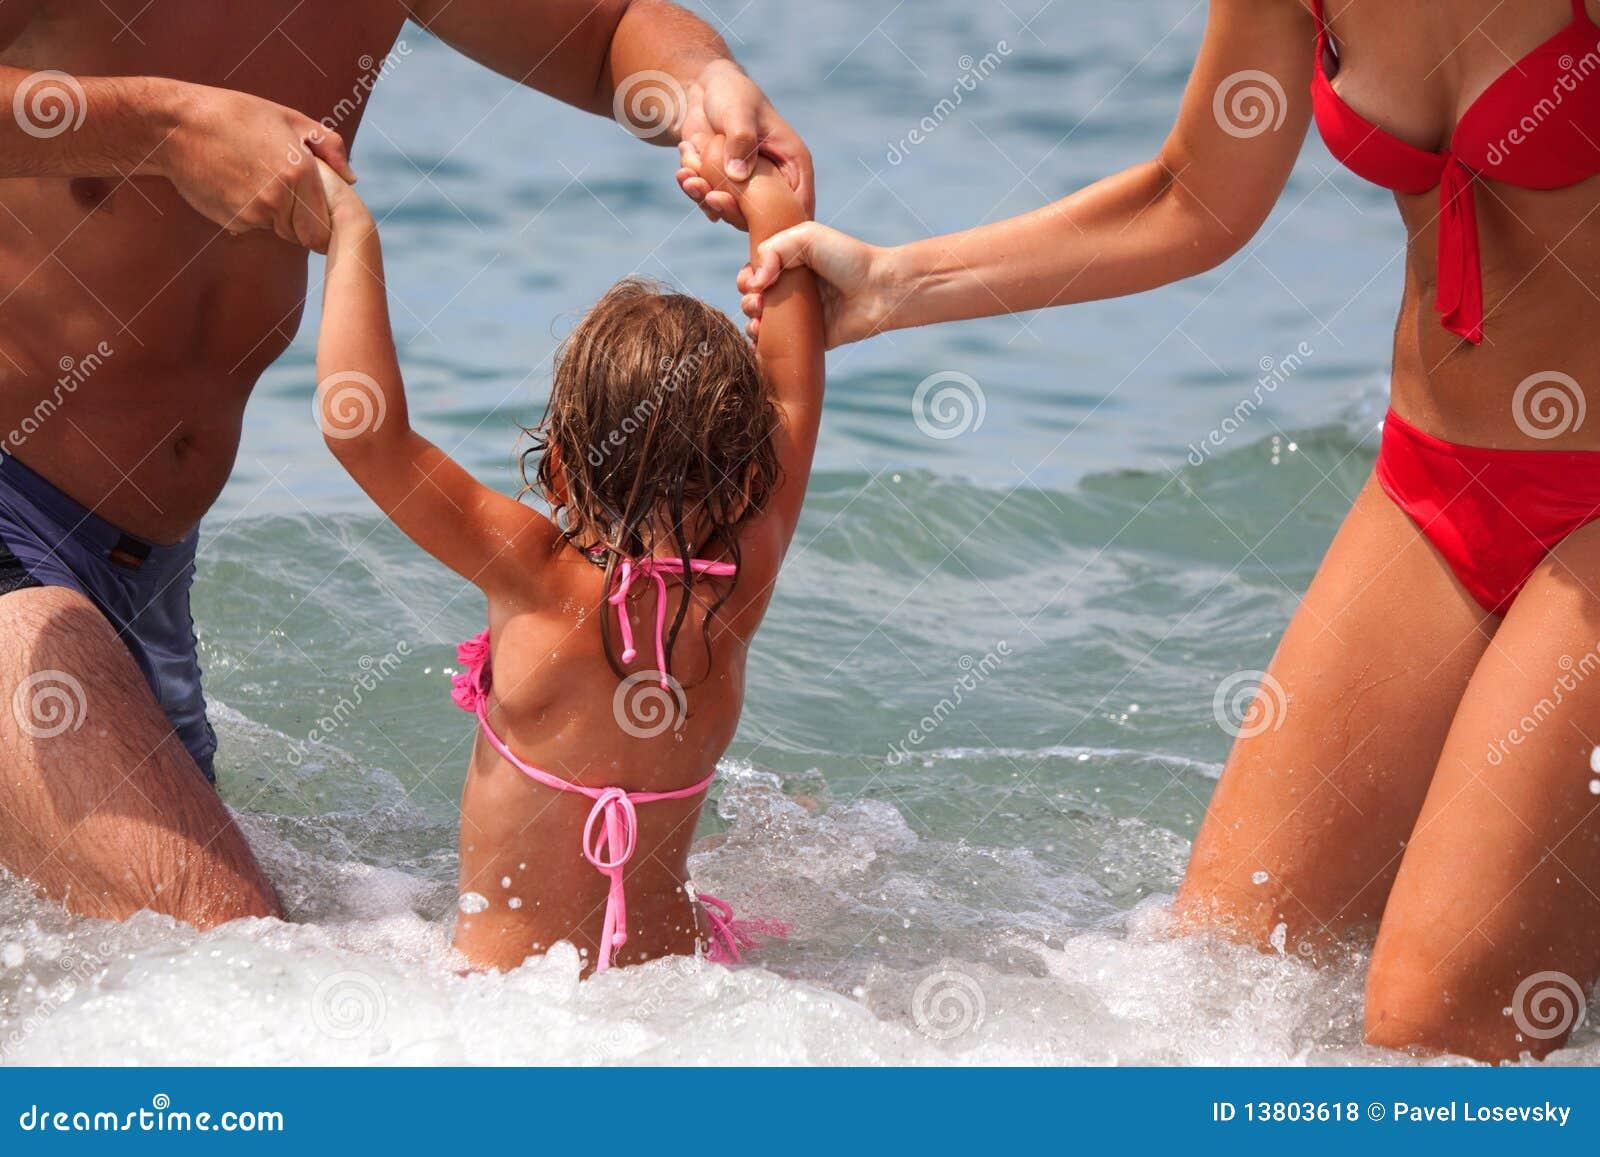 Сын купается с мамой 17 фотография